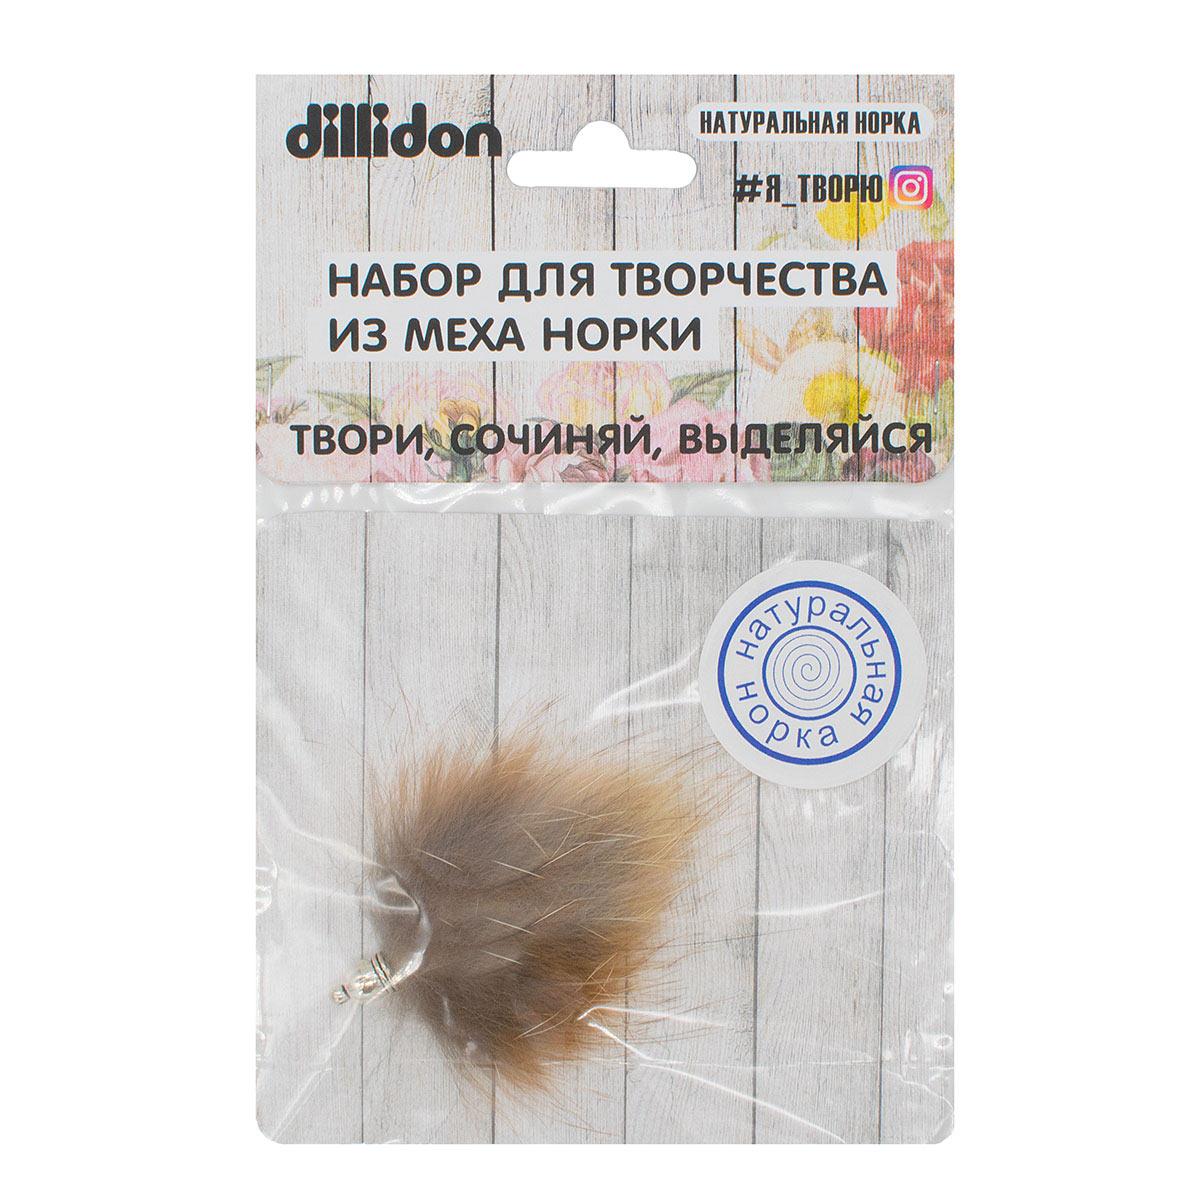 yk-01093 Набор для творчества Подвеска кисточка S из натурального меха с петелькой, 5 см